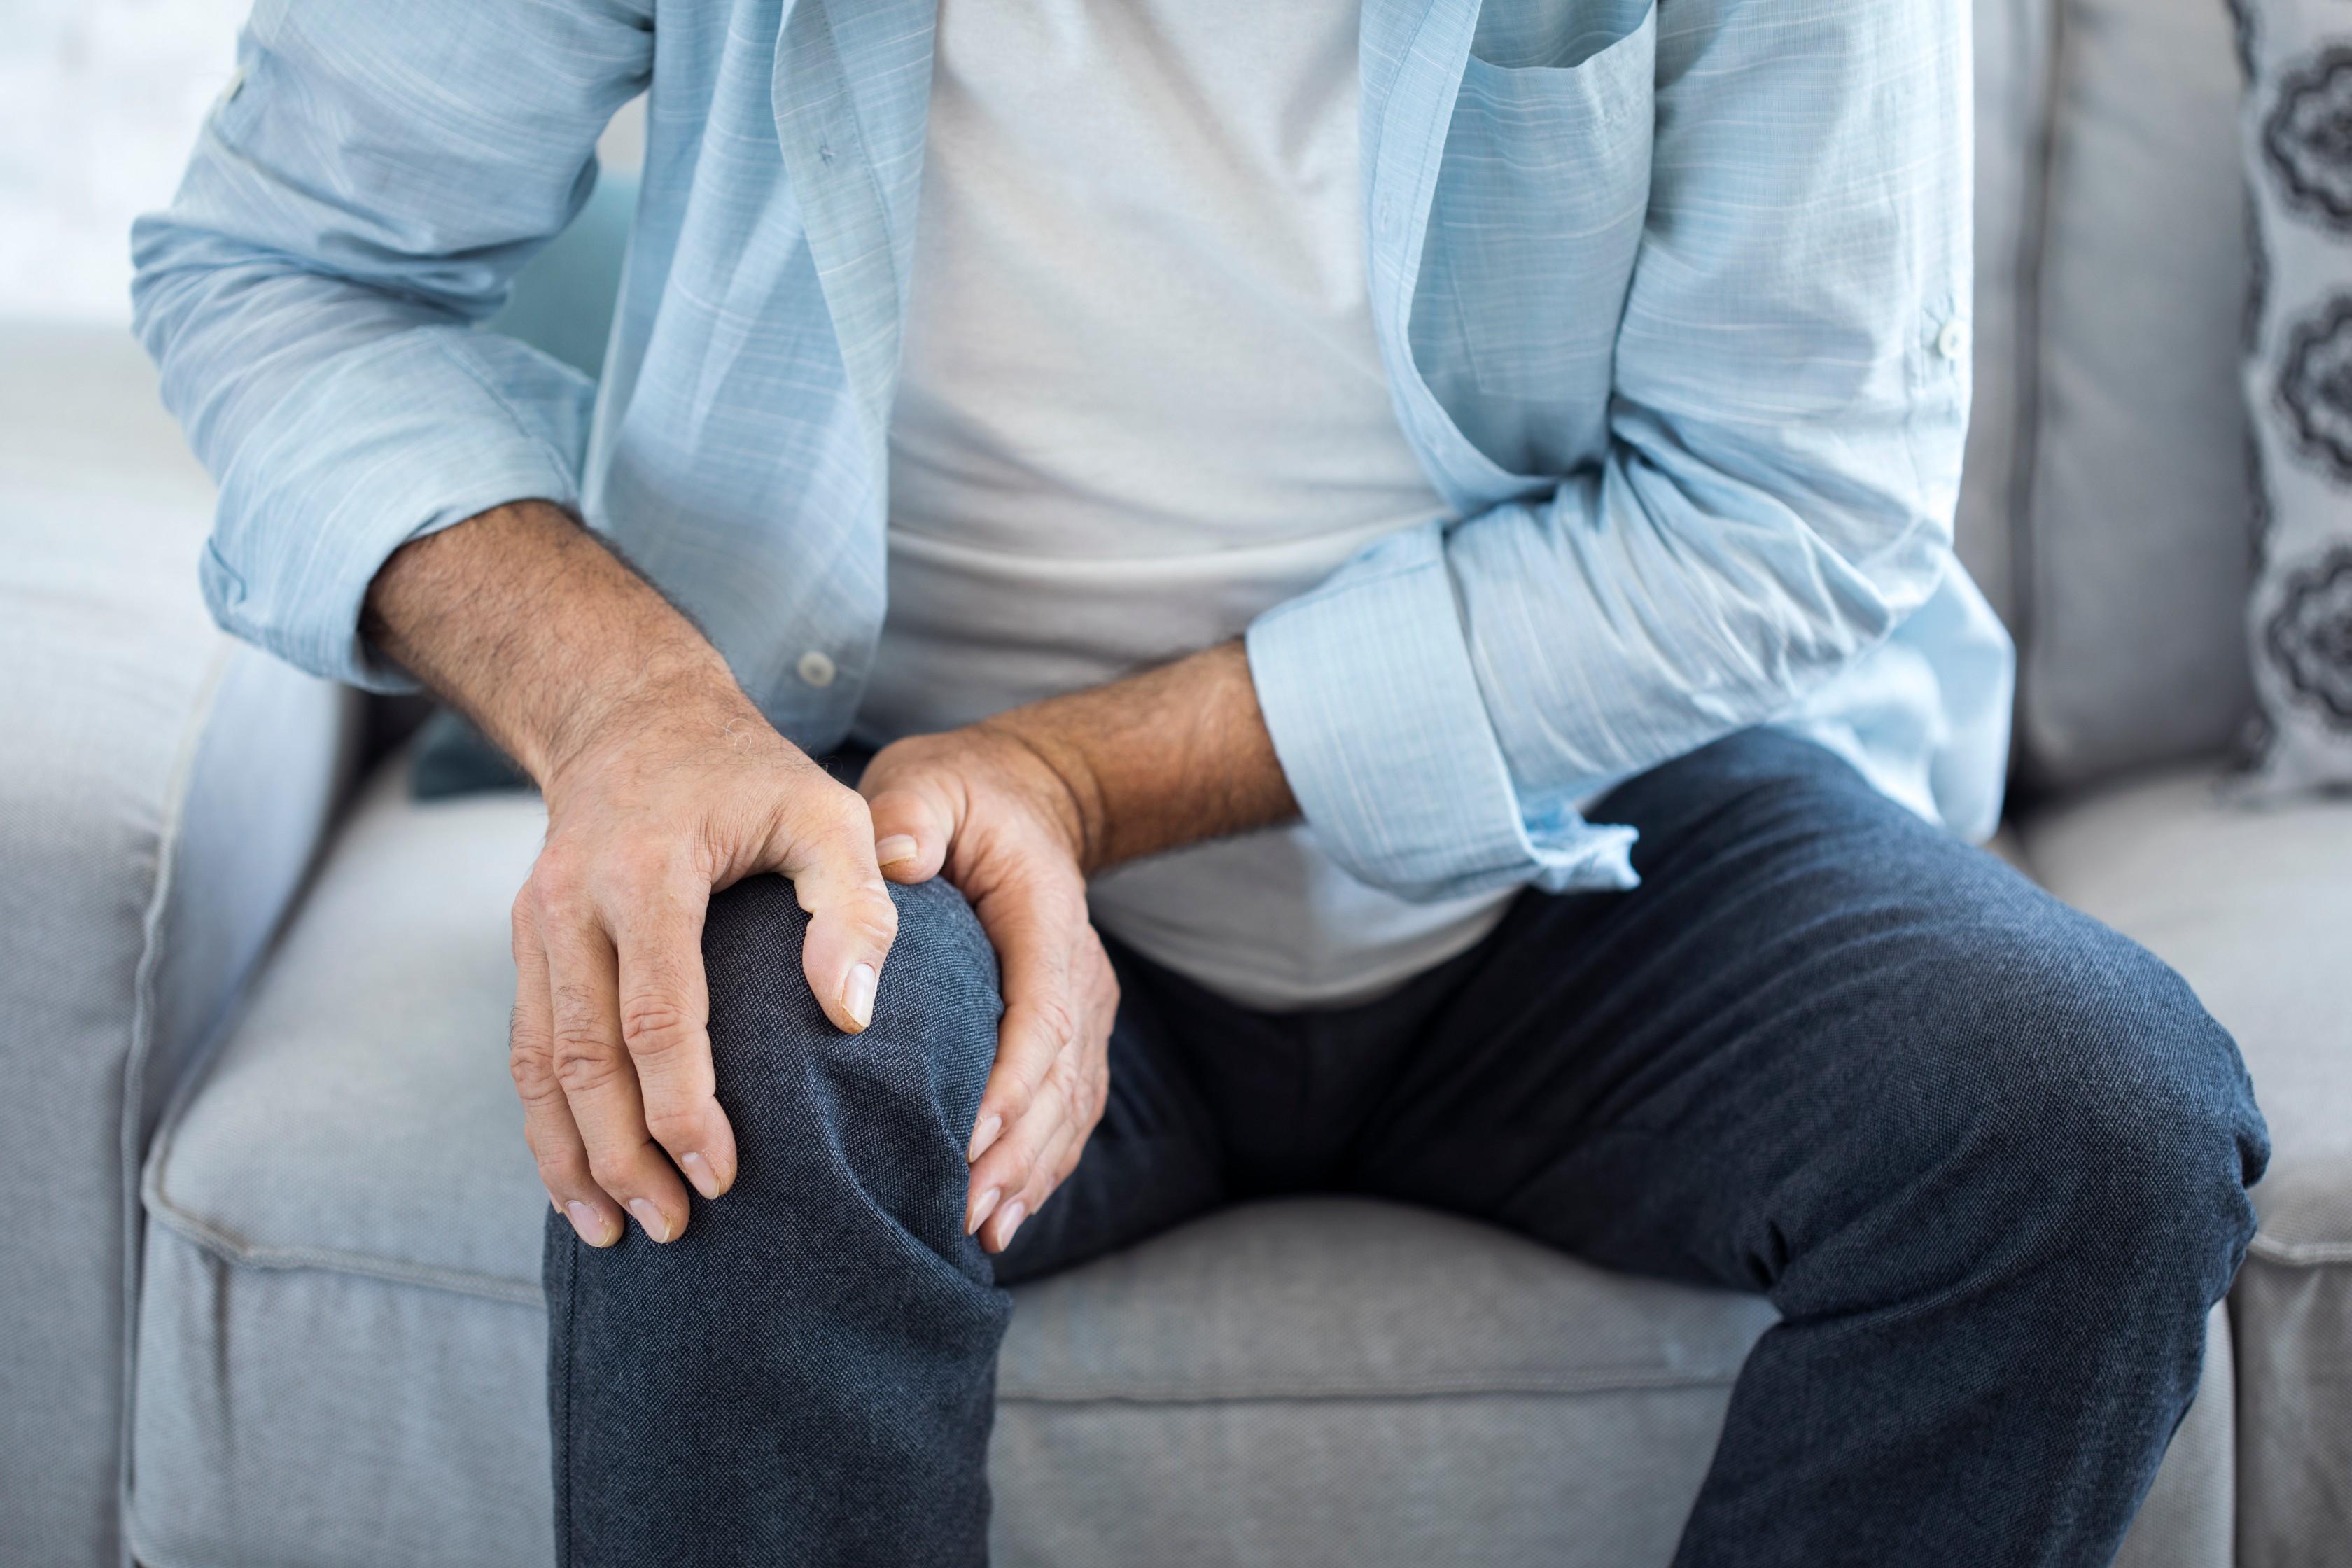 mit kell tenni a lábakban fájdalom az ízületek fájdalma mi a különbség az ízületi gyulladás és a vállízület artrózisa között